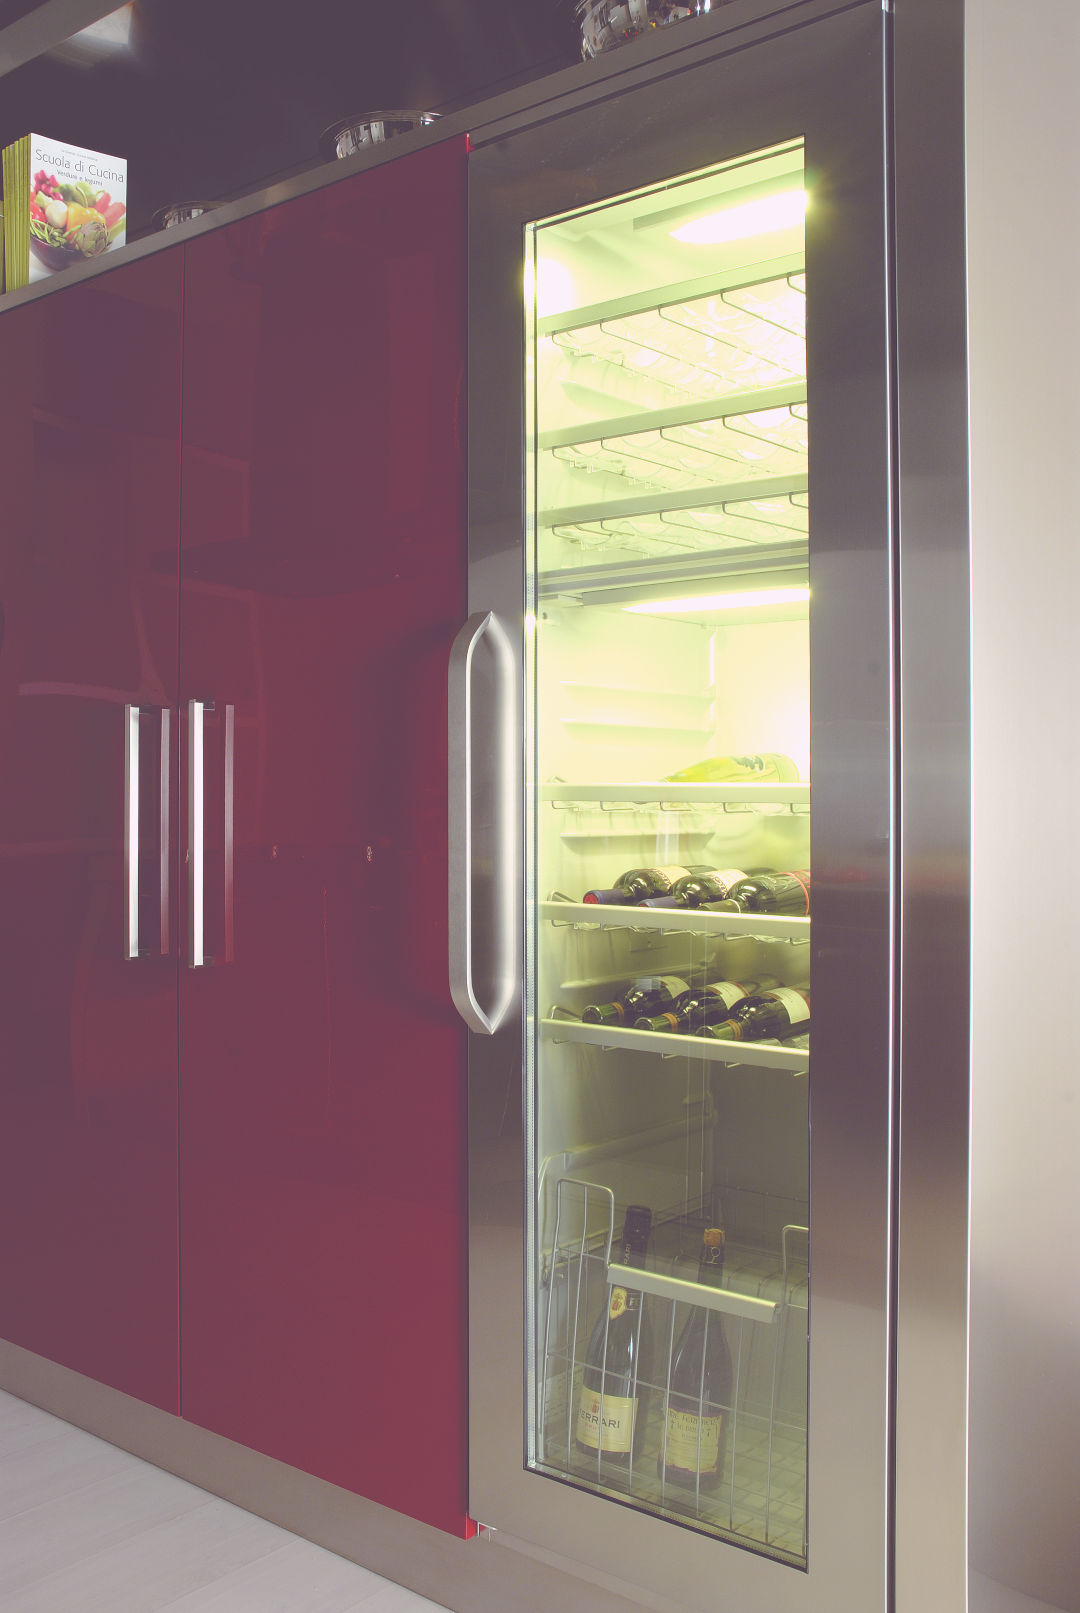 Arca Cucine Italia - Cucina Domestica in Acciaio Inox e Vetro - Opera - Cantinetta Refrigerata